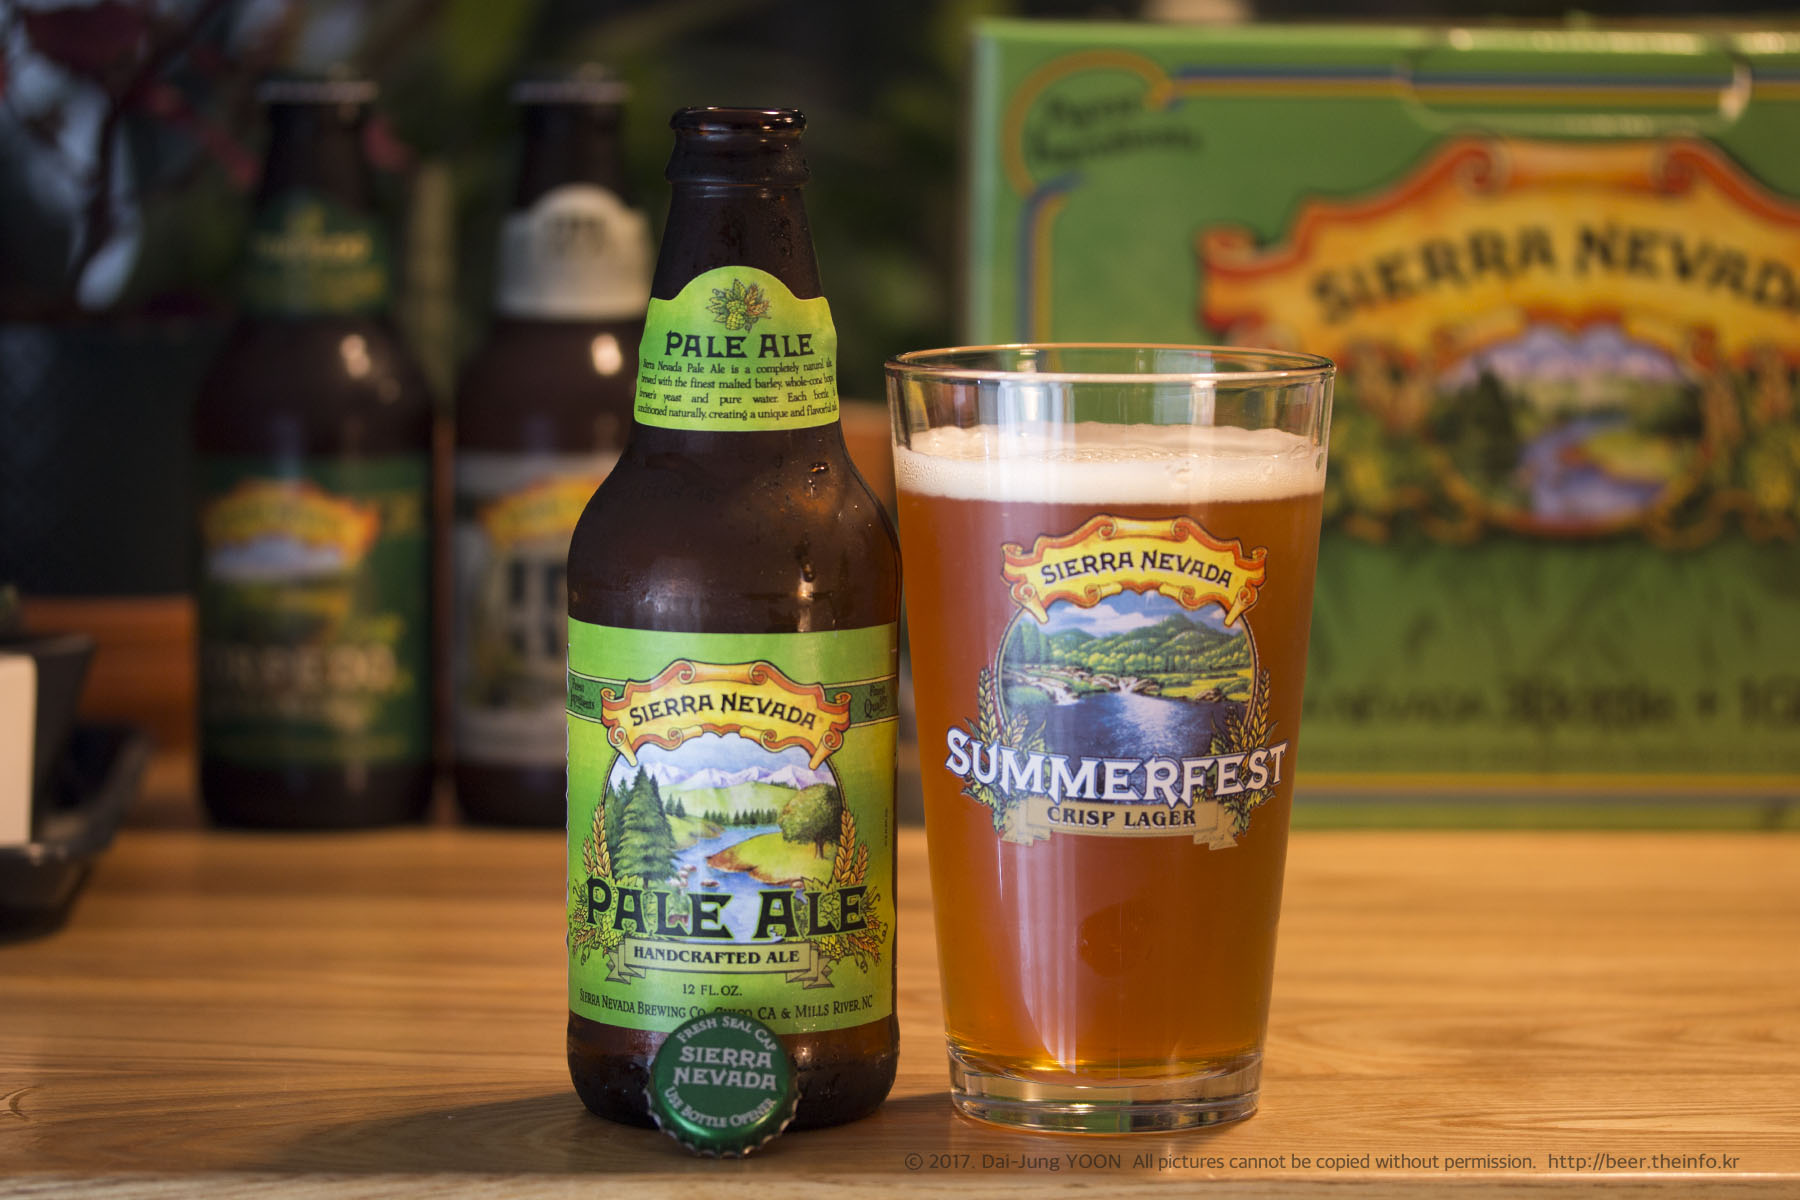 씨에라 네바다 페일 에일 Sierra Nevada Pale Ale